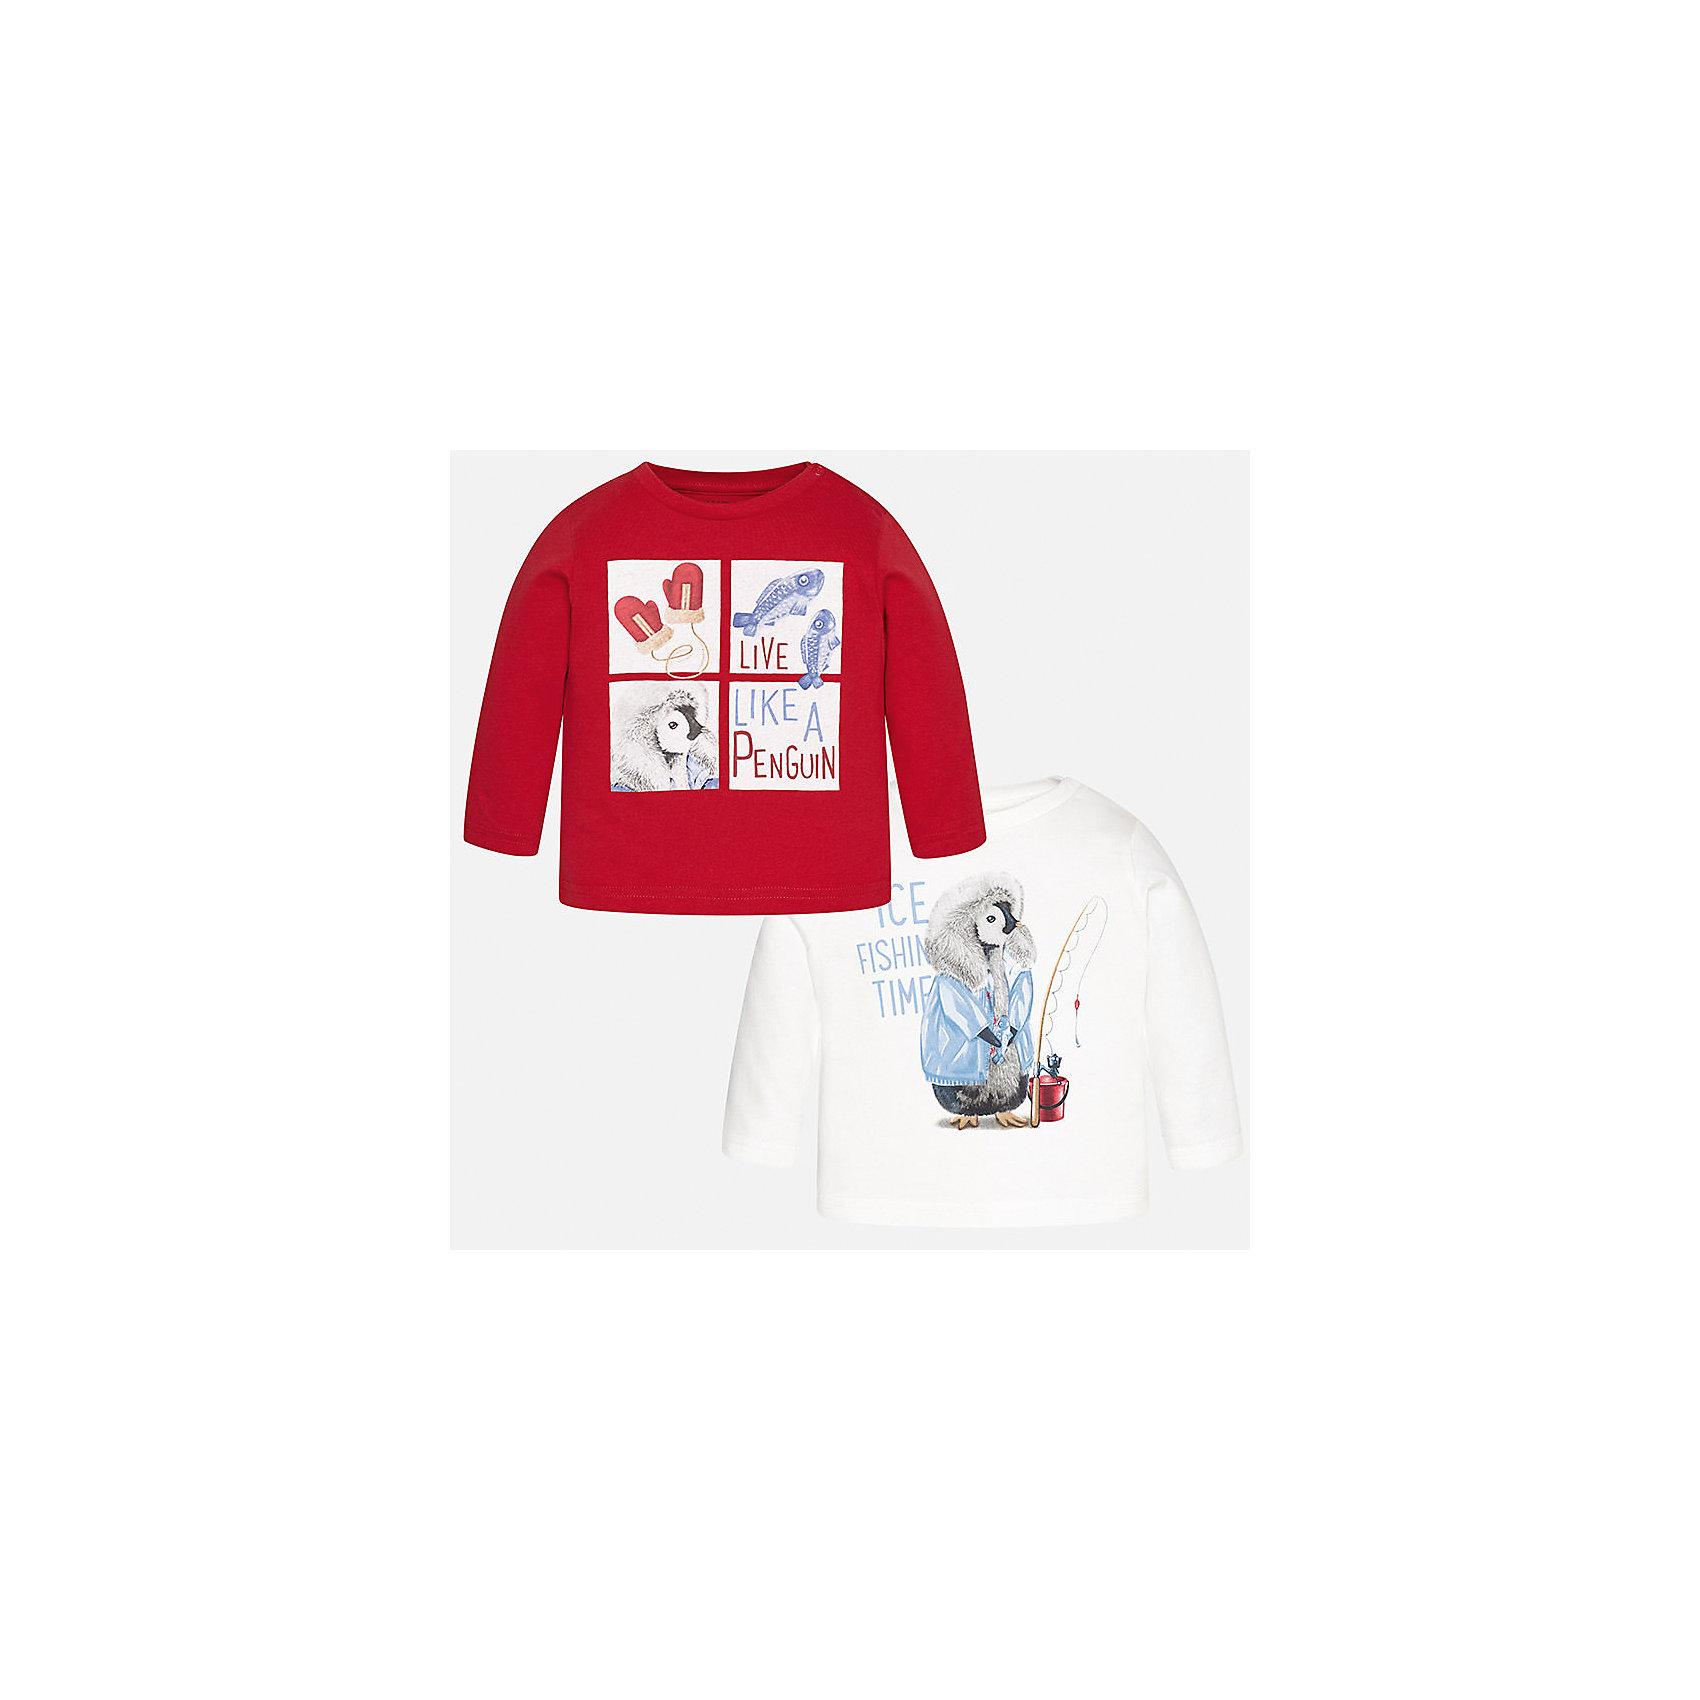 Футболка с длинным рукавом (2 шт.) для мальчика MayoralФутболки с длинным рукавом<br>Характеристики товара:<br><br>• цвет: красный/белый;<br>• комплект: 2 шт.;<br>• состав ткани: 100% хлопок;<br>• длинный рукав;<br>• рисунок: принт;<br>• кнопка на воротнике;<br>• сезон: демисезон;<br>• страна бренда: Испания;<br>• страна изготовитель: Индия.<br><br>Комплект из двух футболок с длинным рукавом для мальчика от популярного бренда Mayoral  выполнен из натурального хлопка, ткань эластичная и приятная на ощупь. Однотонные модели декорированы принтом с изображением милых и забавных пингвинов, имеют круглый вырез и кнопки по плечевому шву для удобства переодевания малыша.  <br><br>Обе модели очень практичны и долги в носке, цвет не тускнеет, смотрятся аккуратно и стильно. Идеально подходит для повседневной одежды как дома, так и на прогулку.<br><br>Для производства детской одежды популярный бренд Mayoral используют только качественную фурнитуру и материалы. Оригинальные и модные вещи от Майорал неизменно привлекают внимание и нравятся детям.<br><br>Комплект из двух футболок с длинным рукавом для мальчика Mayoral (Майорал) можно купить в нашем интернет-магазине.<br><br>Ширина мм: 230<br>Глубина мм: 40<br>Высота мм: 220<br>Вес г: 250<br>Цвет: красный/белый<br>Возраст от месяцев: 24<br>Возраст до месяцев: 36<br>Пол: Мужской<br>Возраст: Детский<br>Размер: 98,74,80,86,92<br>SKU: 6932374